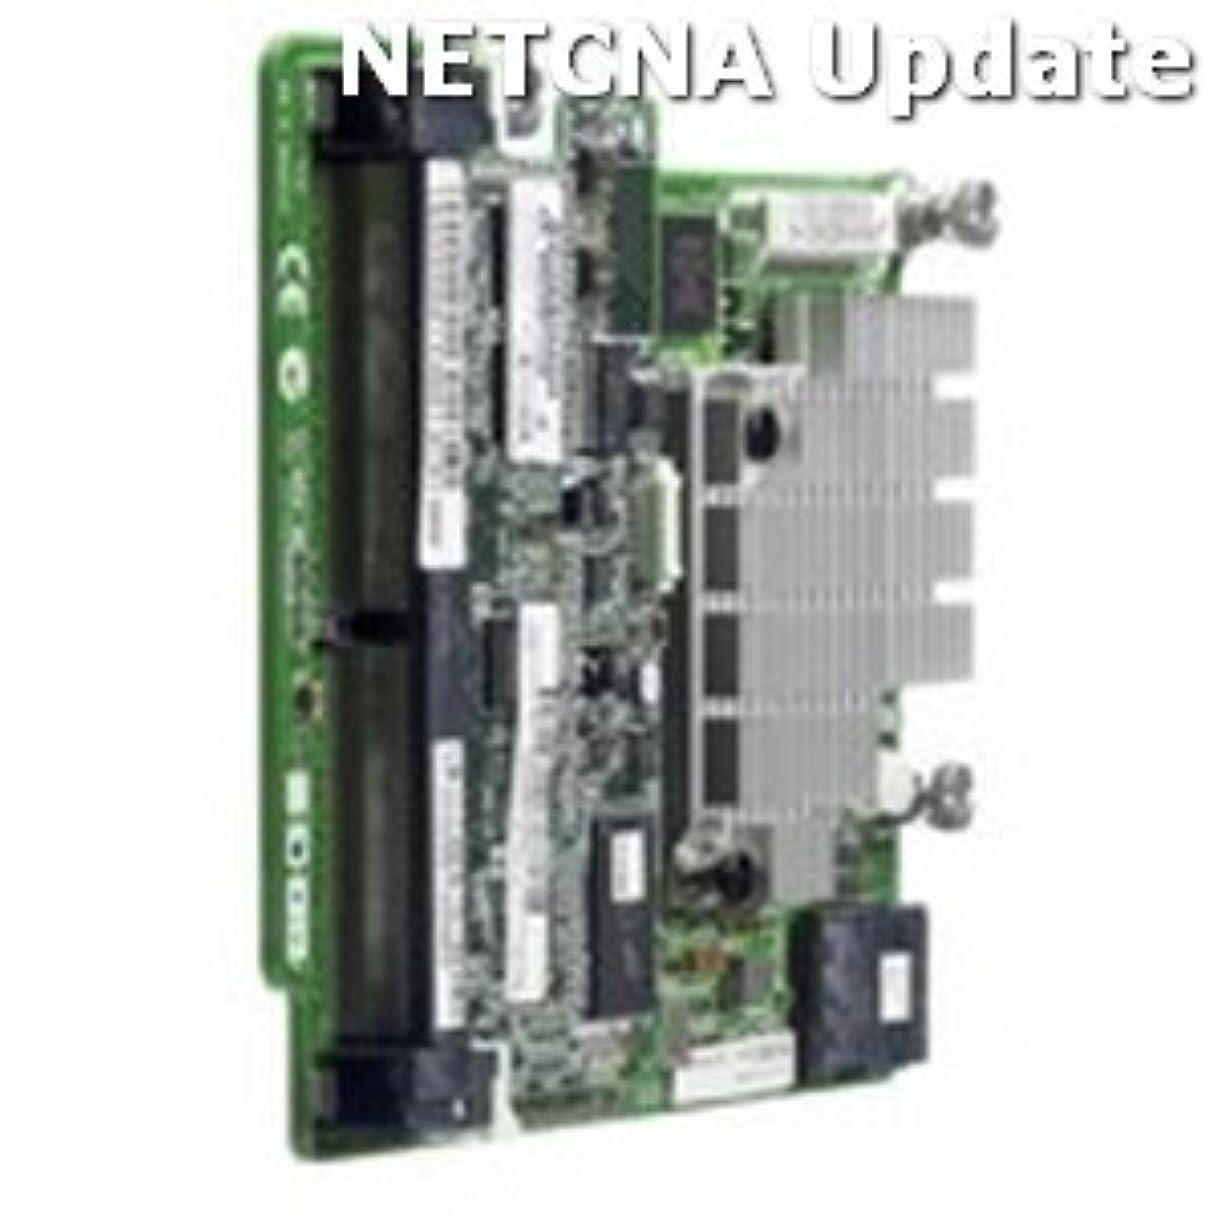 破壊的肌スクラブ655636-b21 HP Smartアレイp721 m / 512mbメザニンカード互換製品by NETCNA